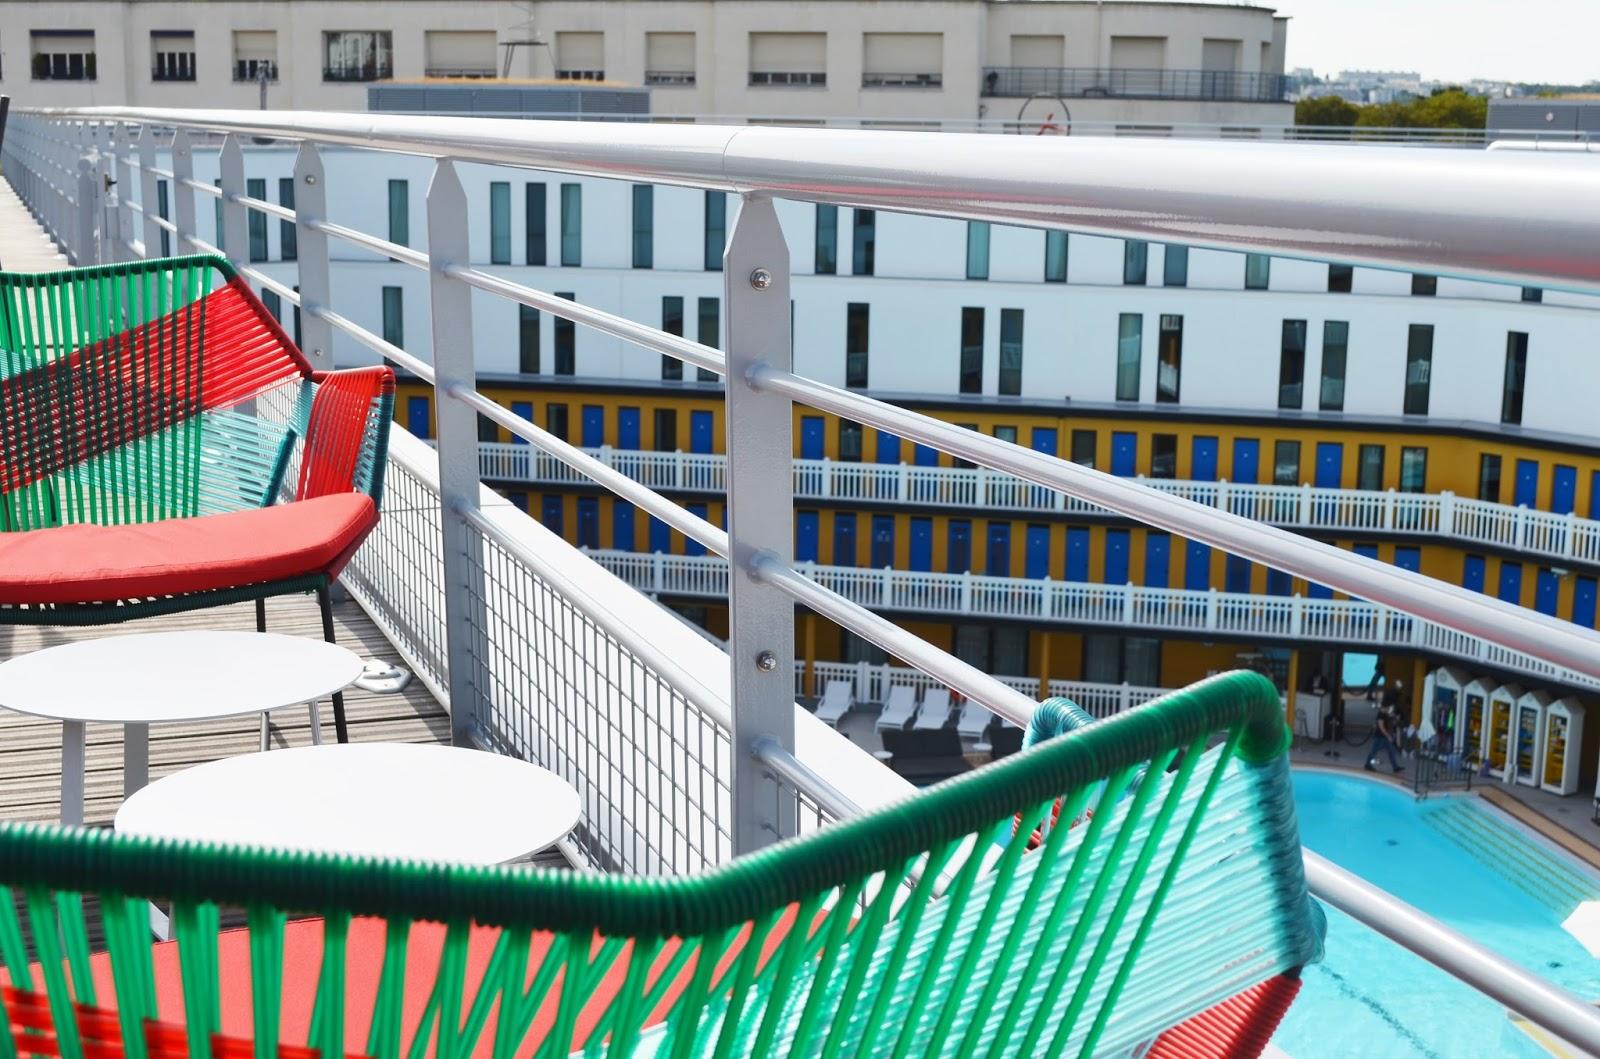 Les plus belles terrasses estivales de paris parisian touch for Adresse piscine molitor